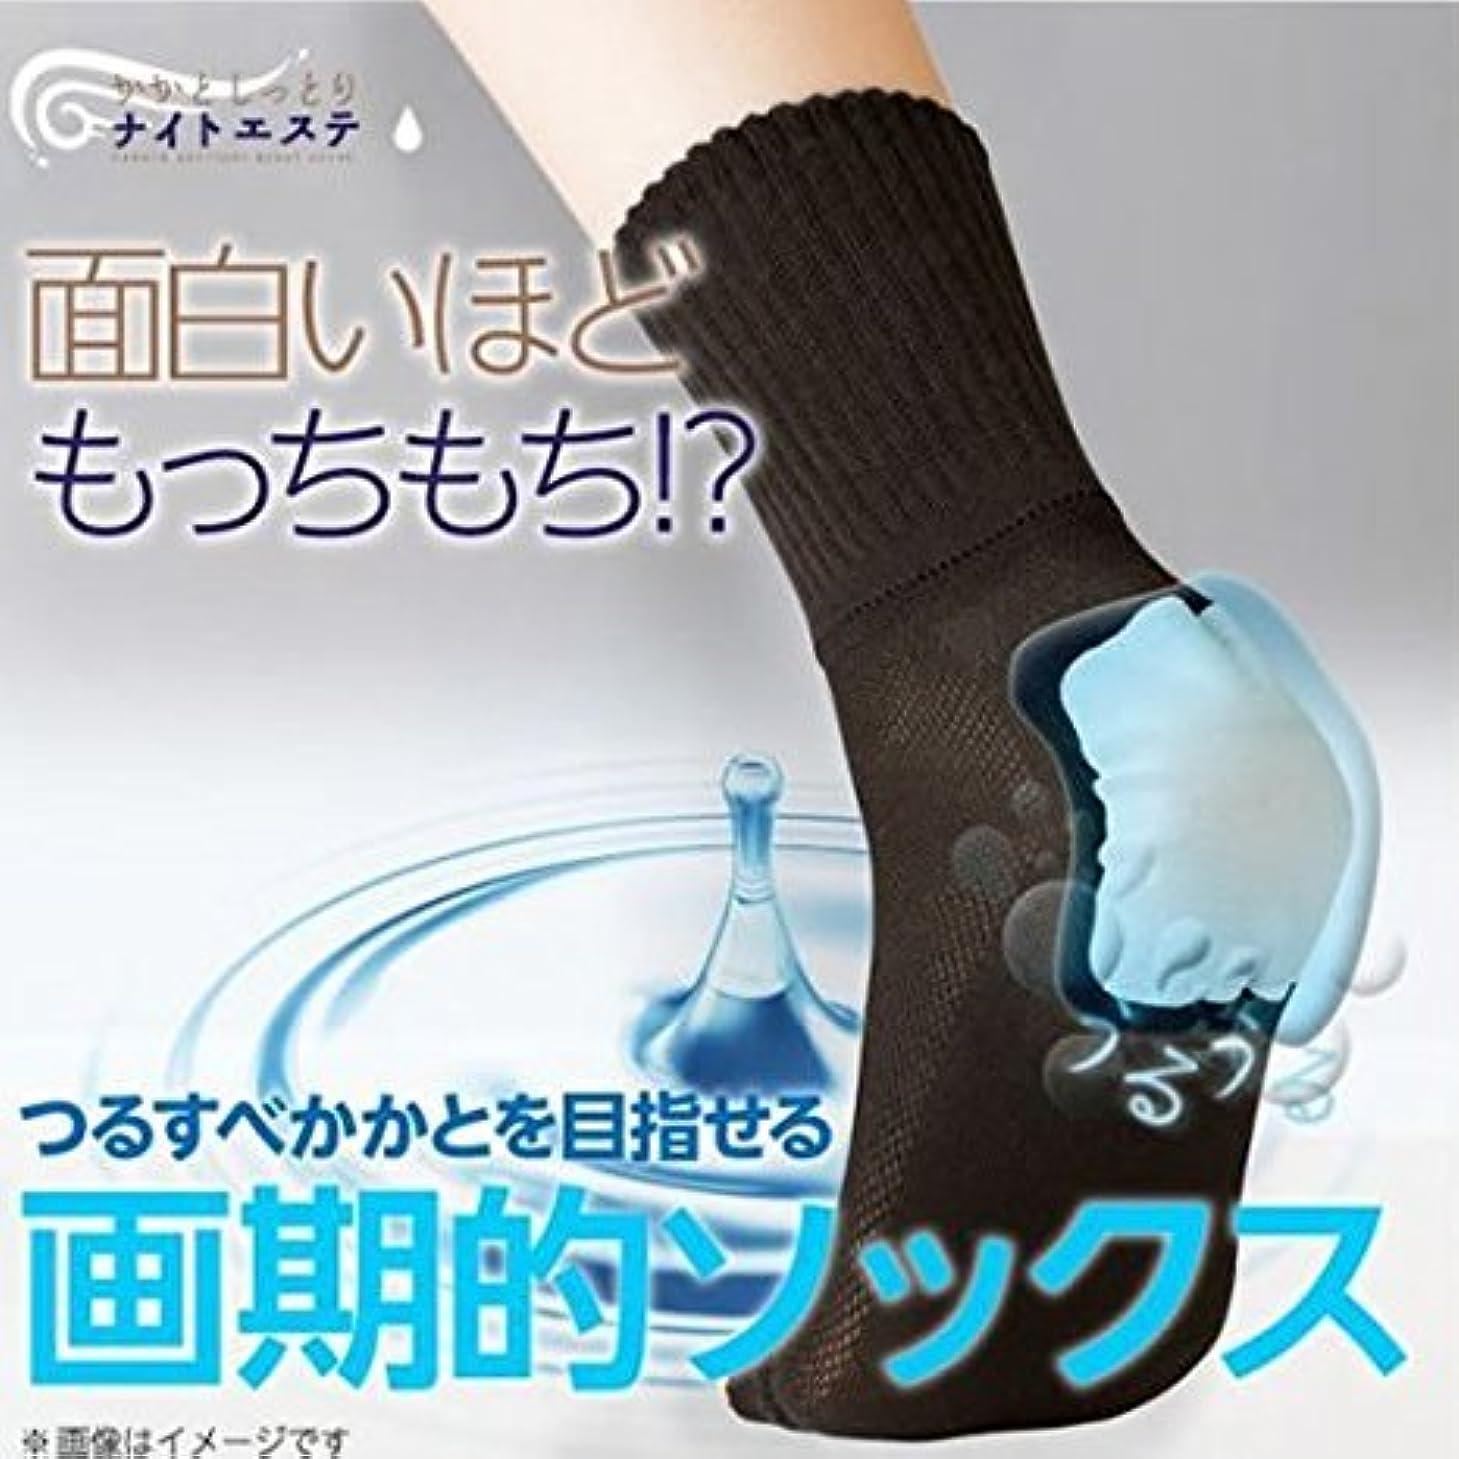 裂け目鎮静剤通常特許取得済治療シート採用!『履くだけこっそりナイトエステ』 ガサガサ足、かかとのヒビ割れが気になるなら??